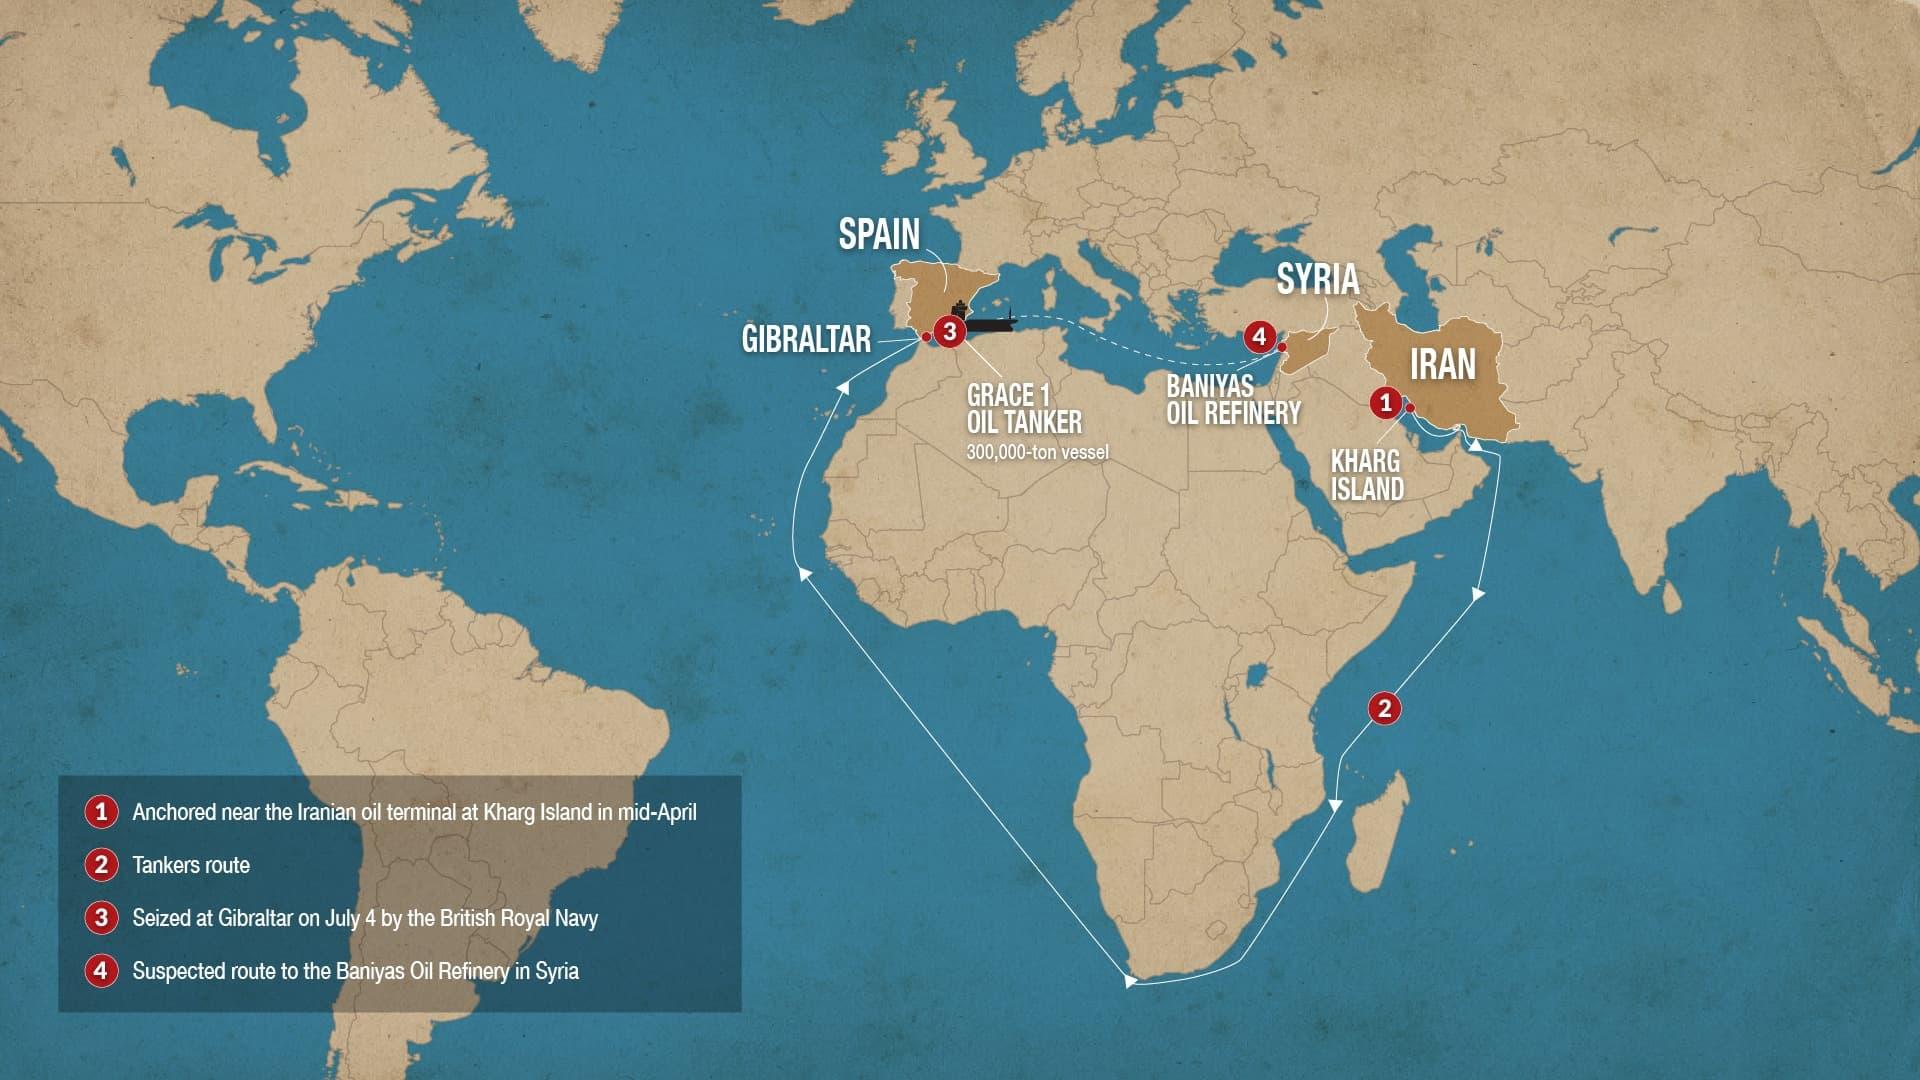 Grace 1 vessel route